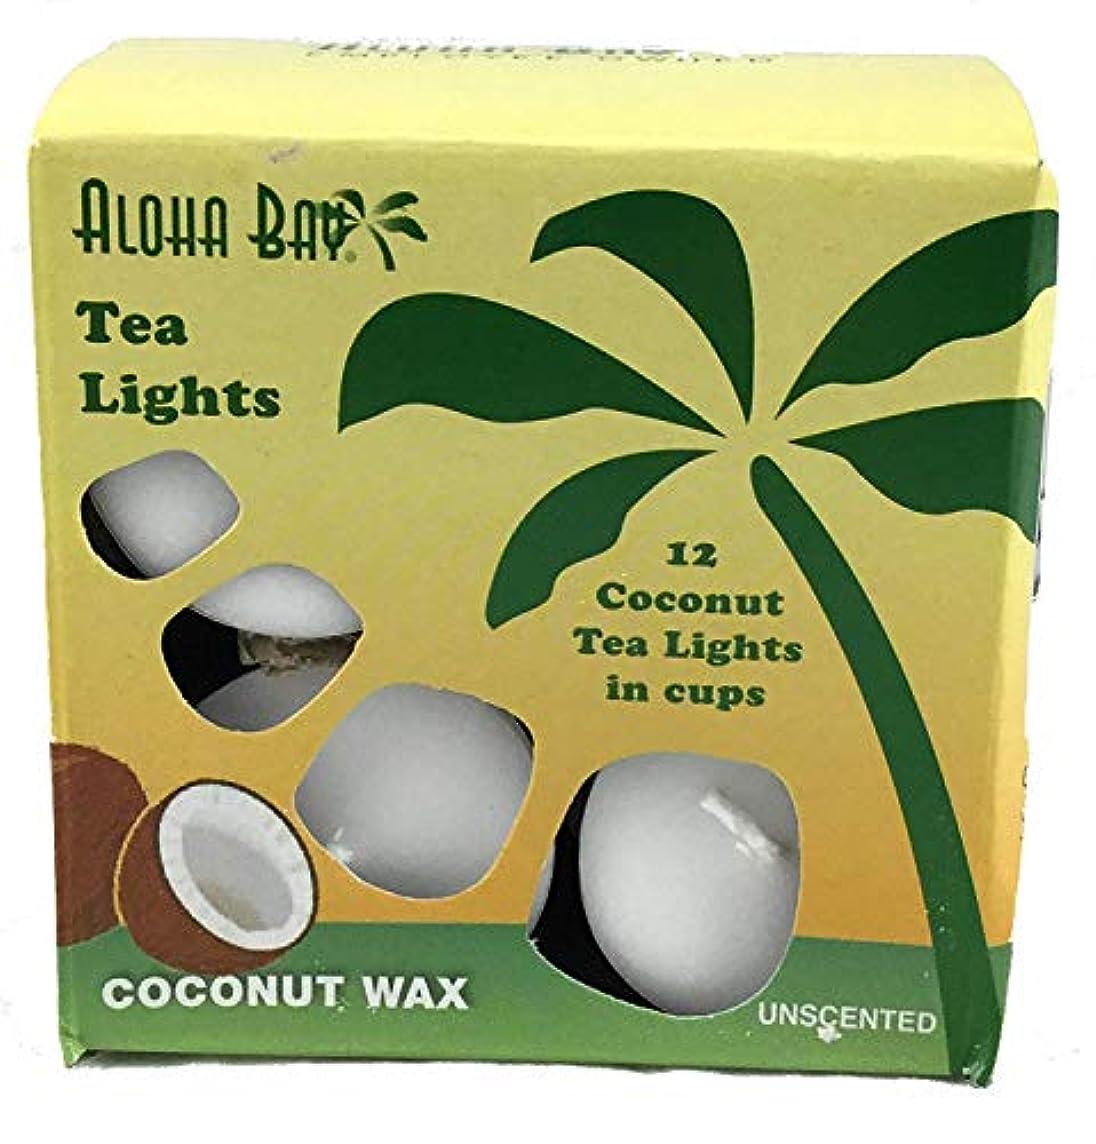 同行する蜂非行Aloha Bay - 100% 植物性パーム ワックス茶軽い蝋燭無香料ホワイト - 12パック